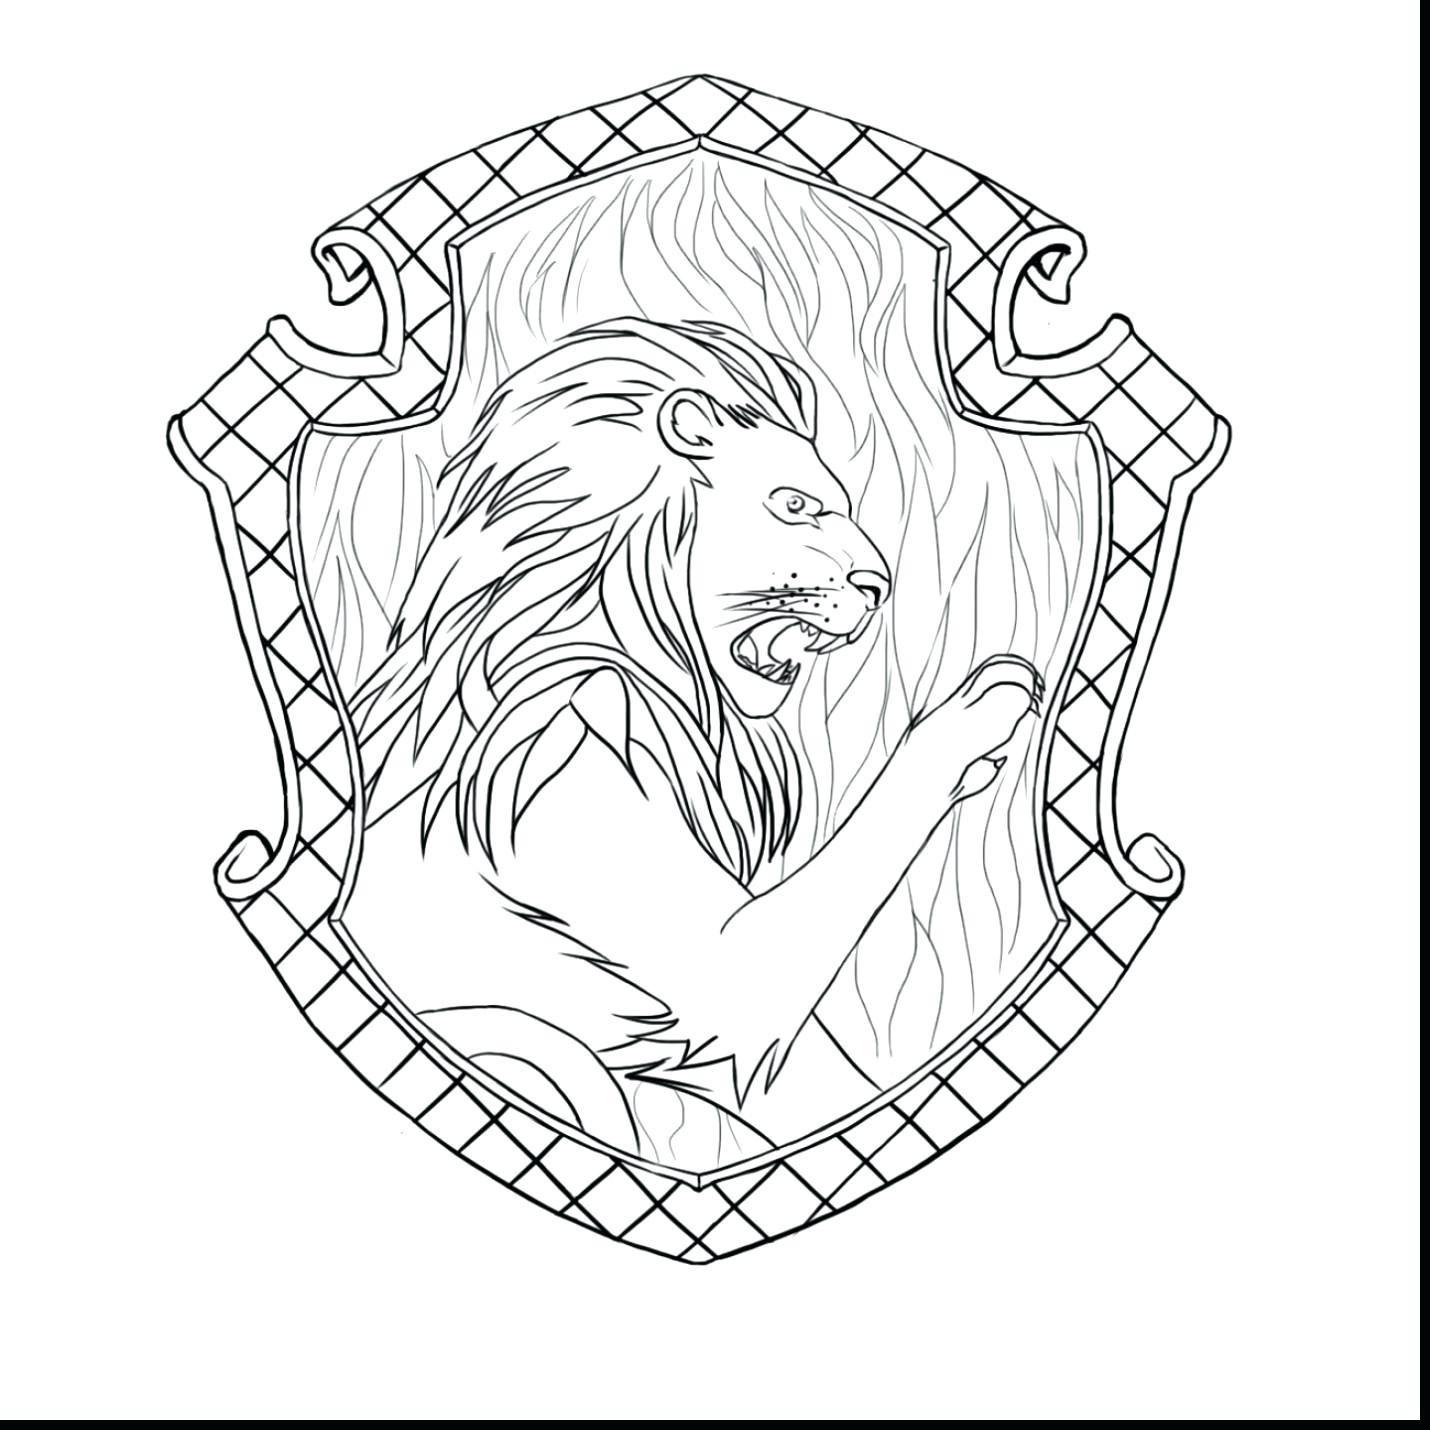 Harry Potter Ausmalbilder Wappen Neu 28 Einzigartig Harry Potter Malvorlagen Mickeycarrollmunchkin Das Bild